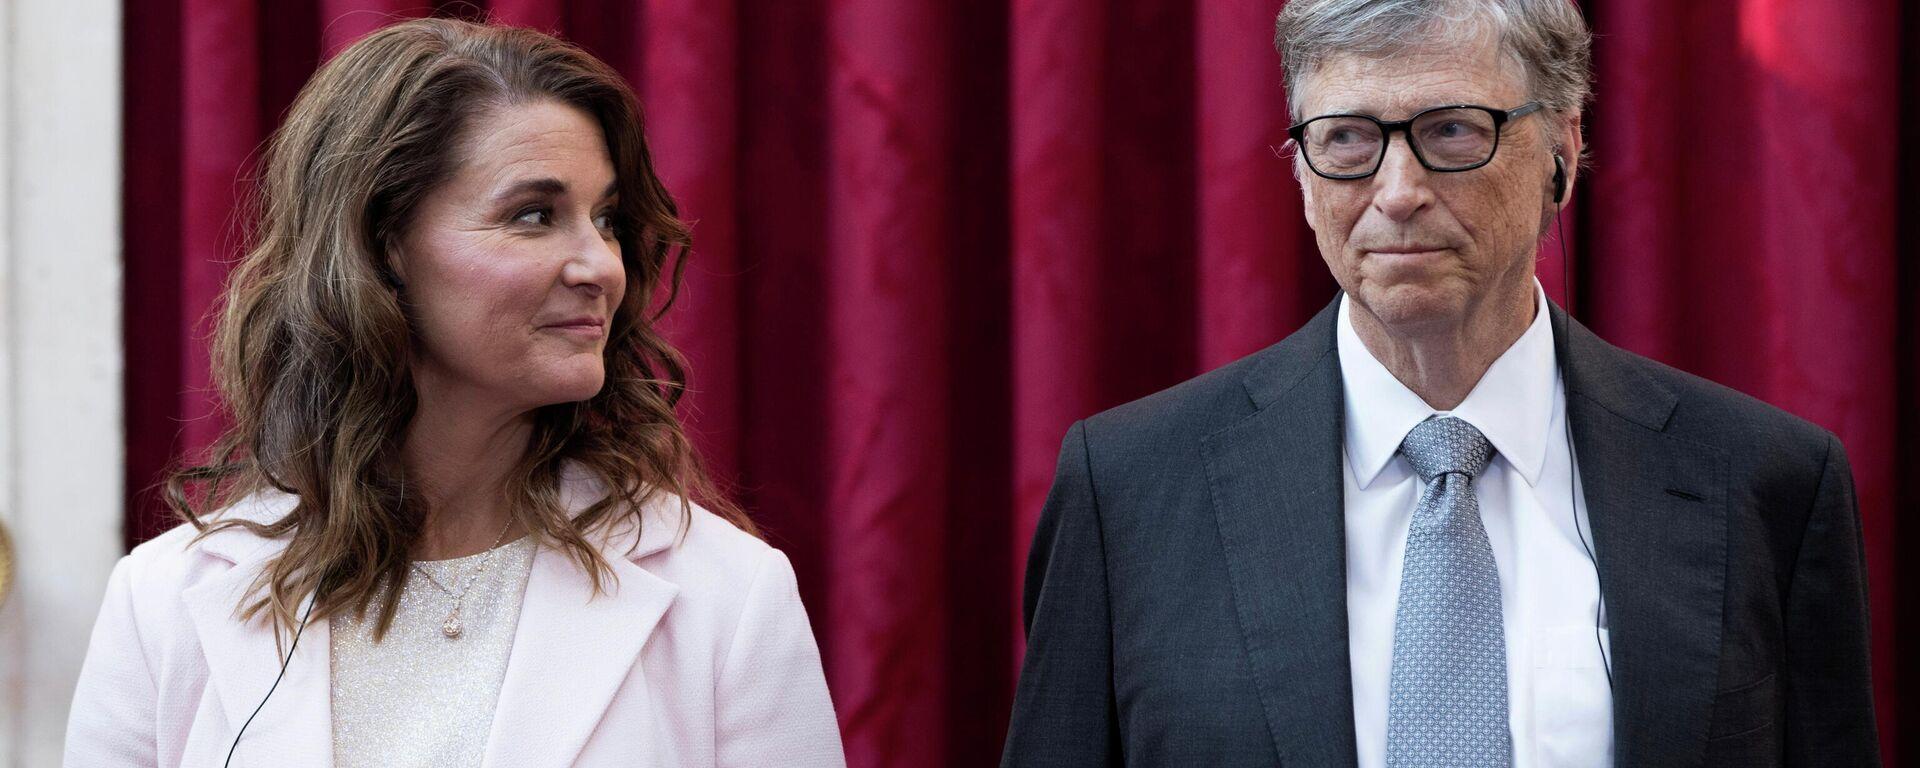 Bill y Melinda Gates (archivo) - Sputnik Mundo, 1920, 04.05.2021